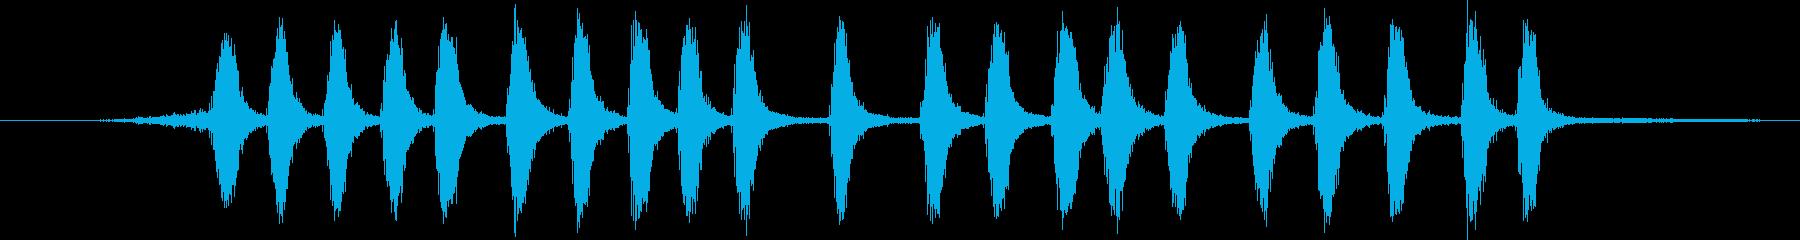 グリーンジェイ:呼び出し、鳥の再生済みの波形